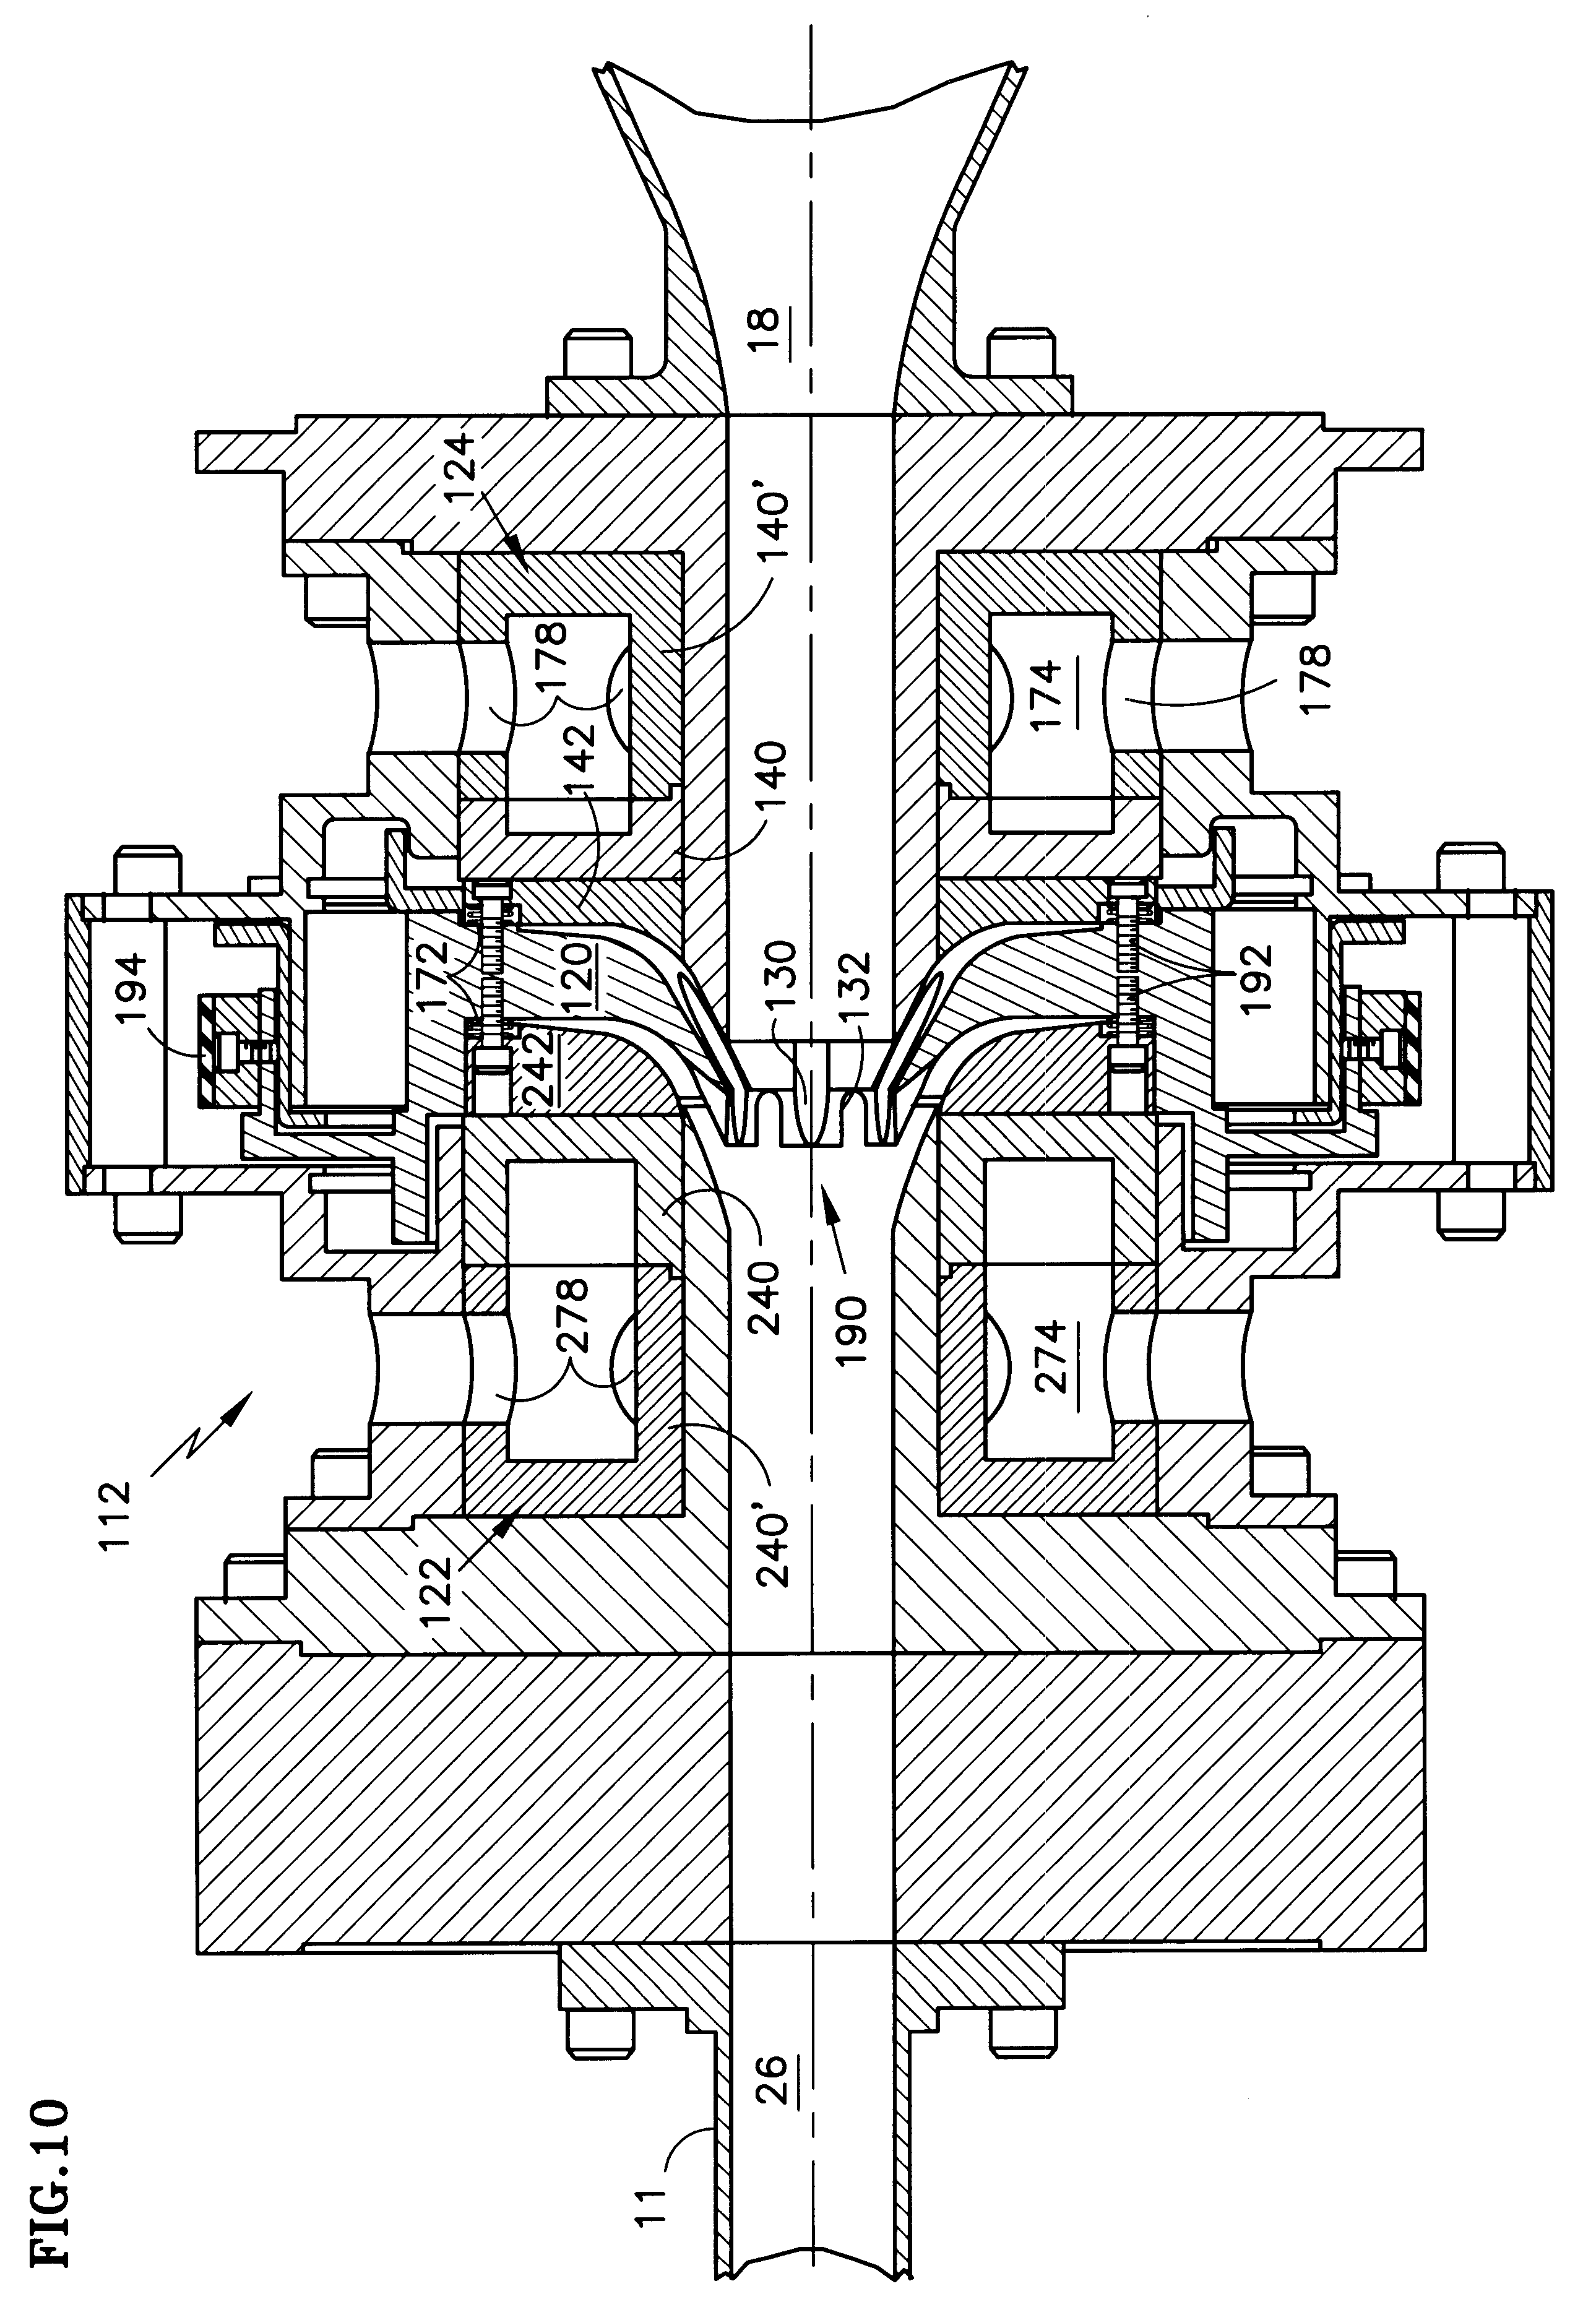 bodine eli s 100 wiring diagram bodine eli